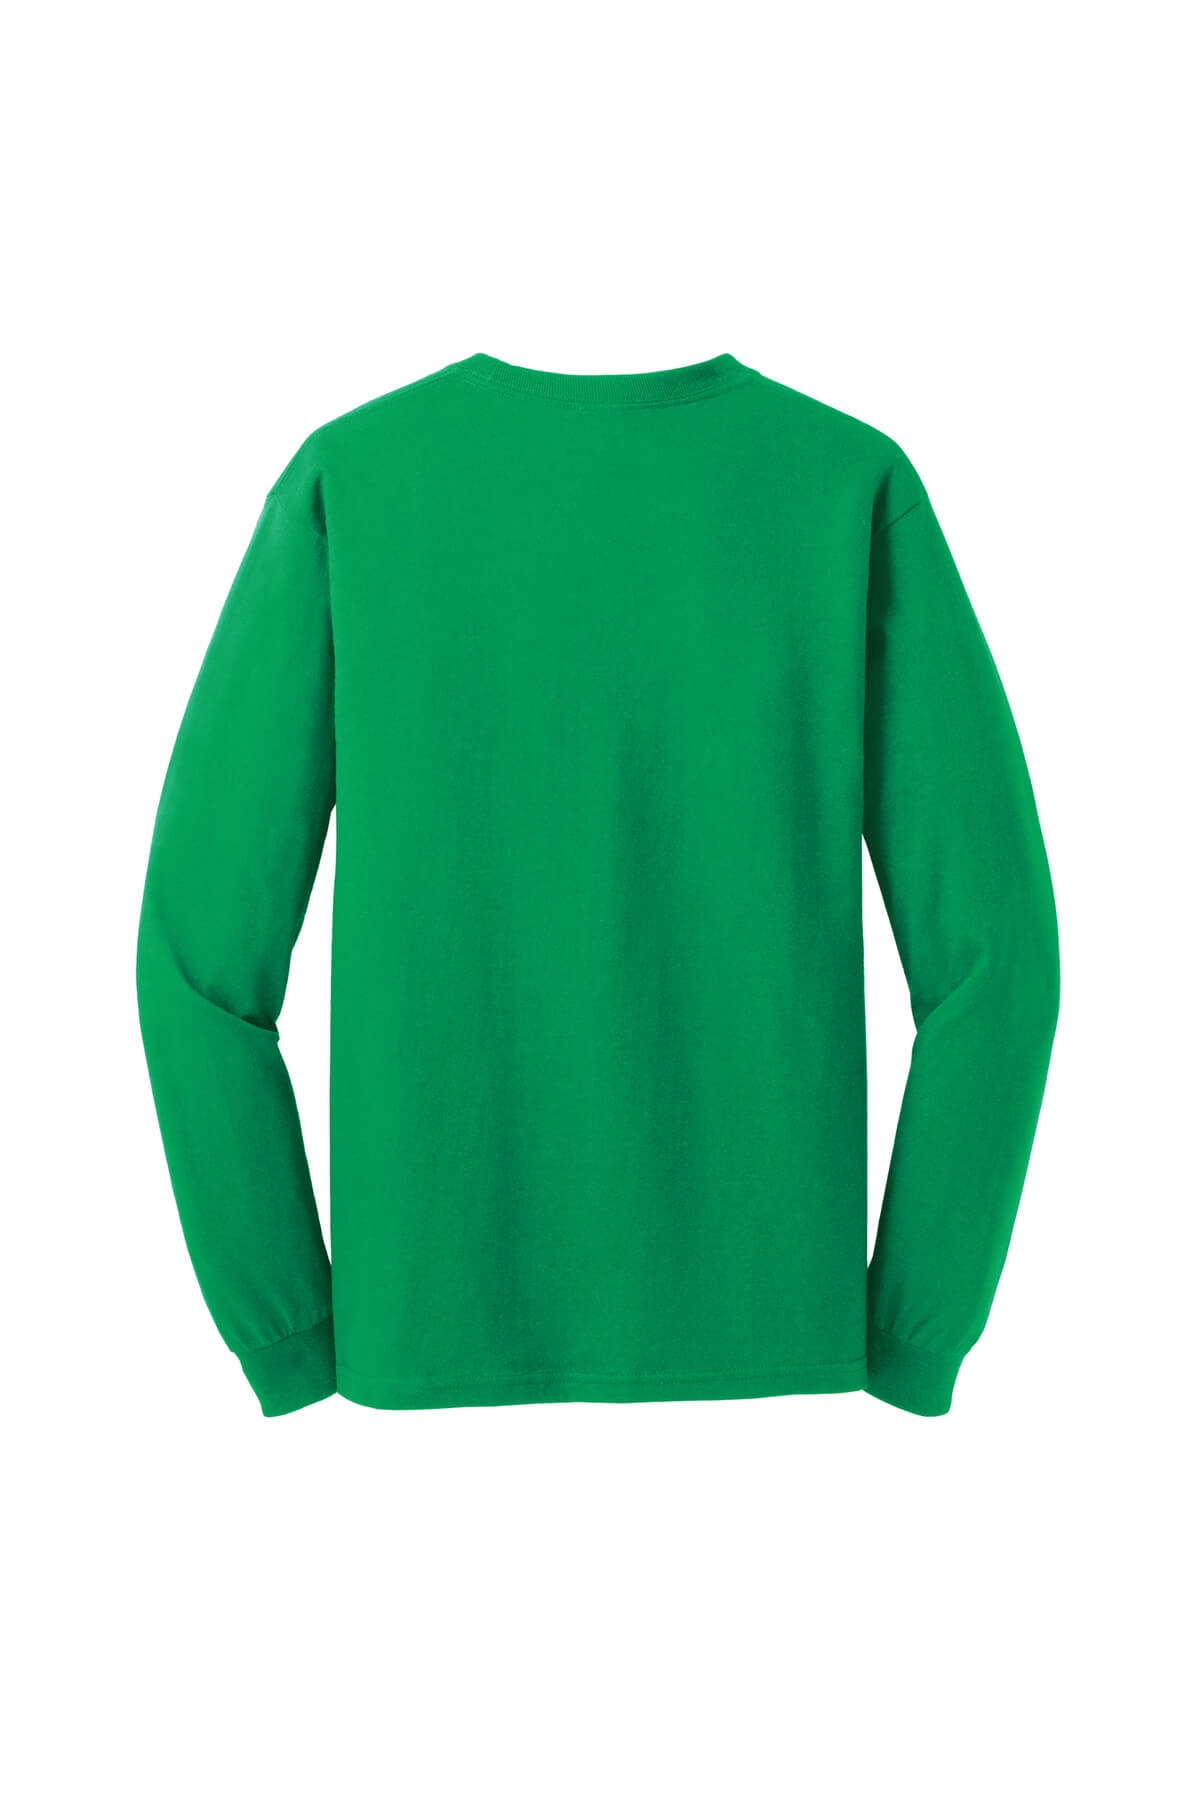 5400-irish-green-6